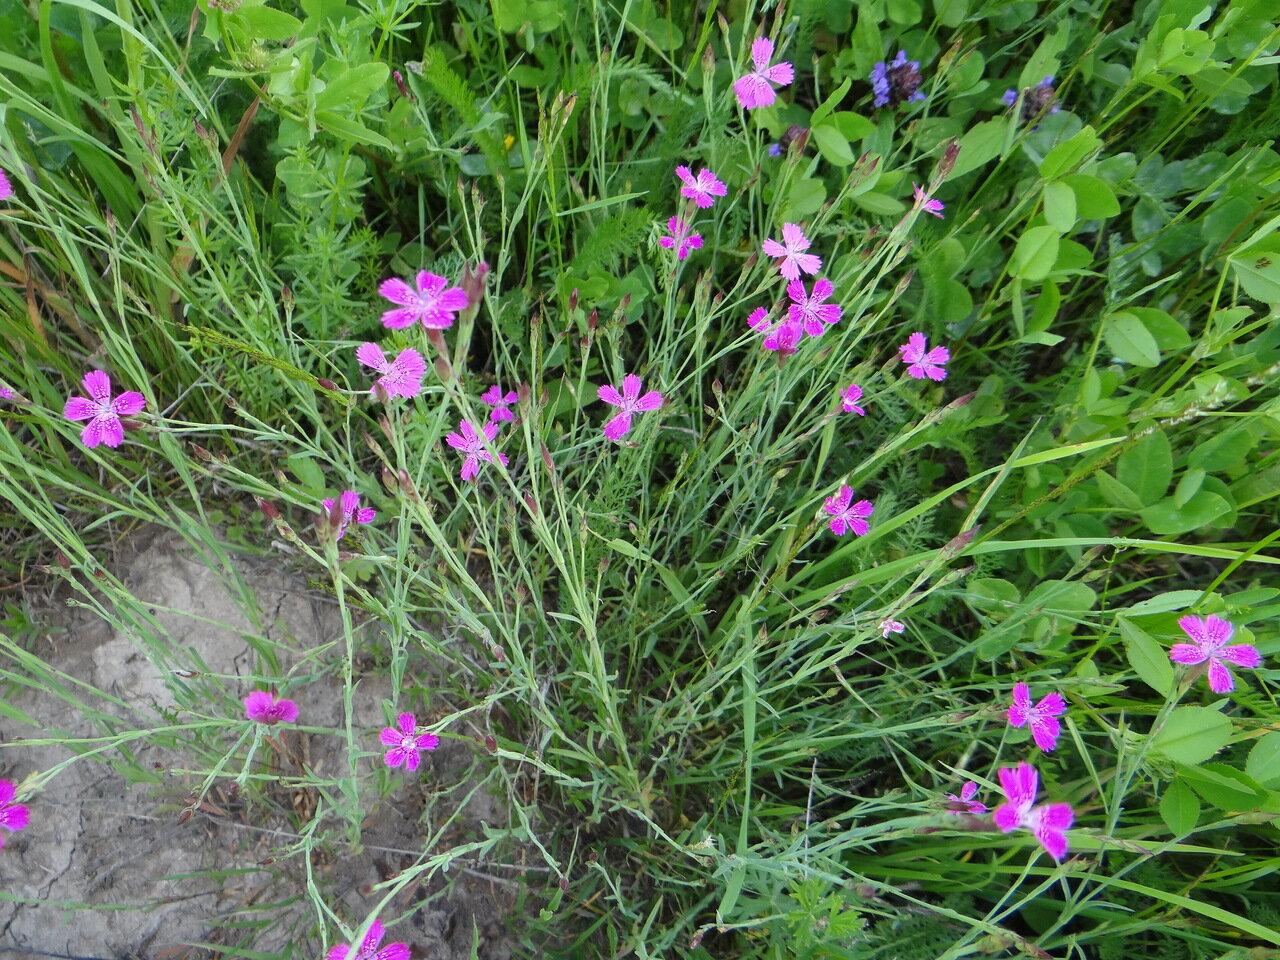 Гвоздика травянка (Dianthus deltoides). Автор фото: Привалова Марина